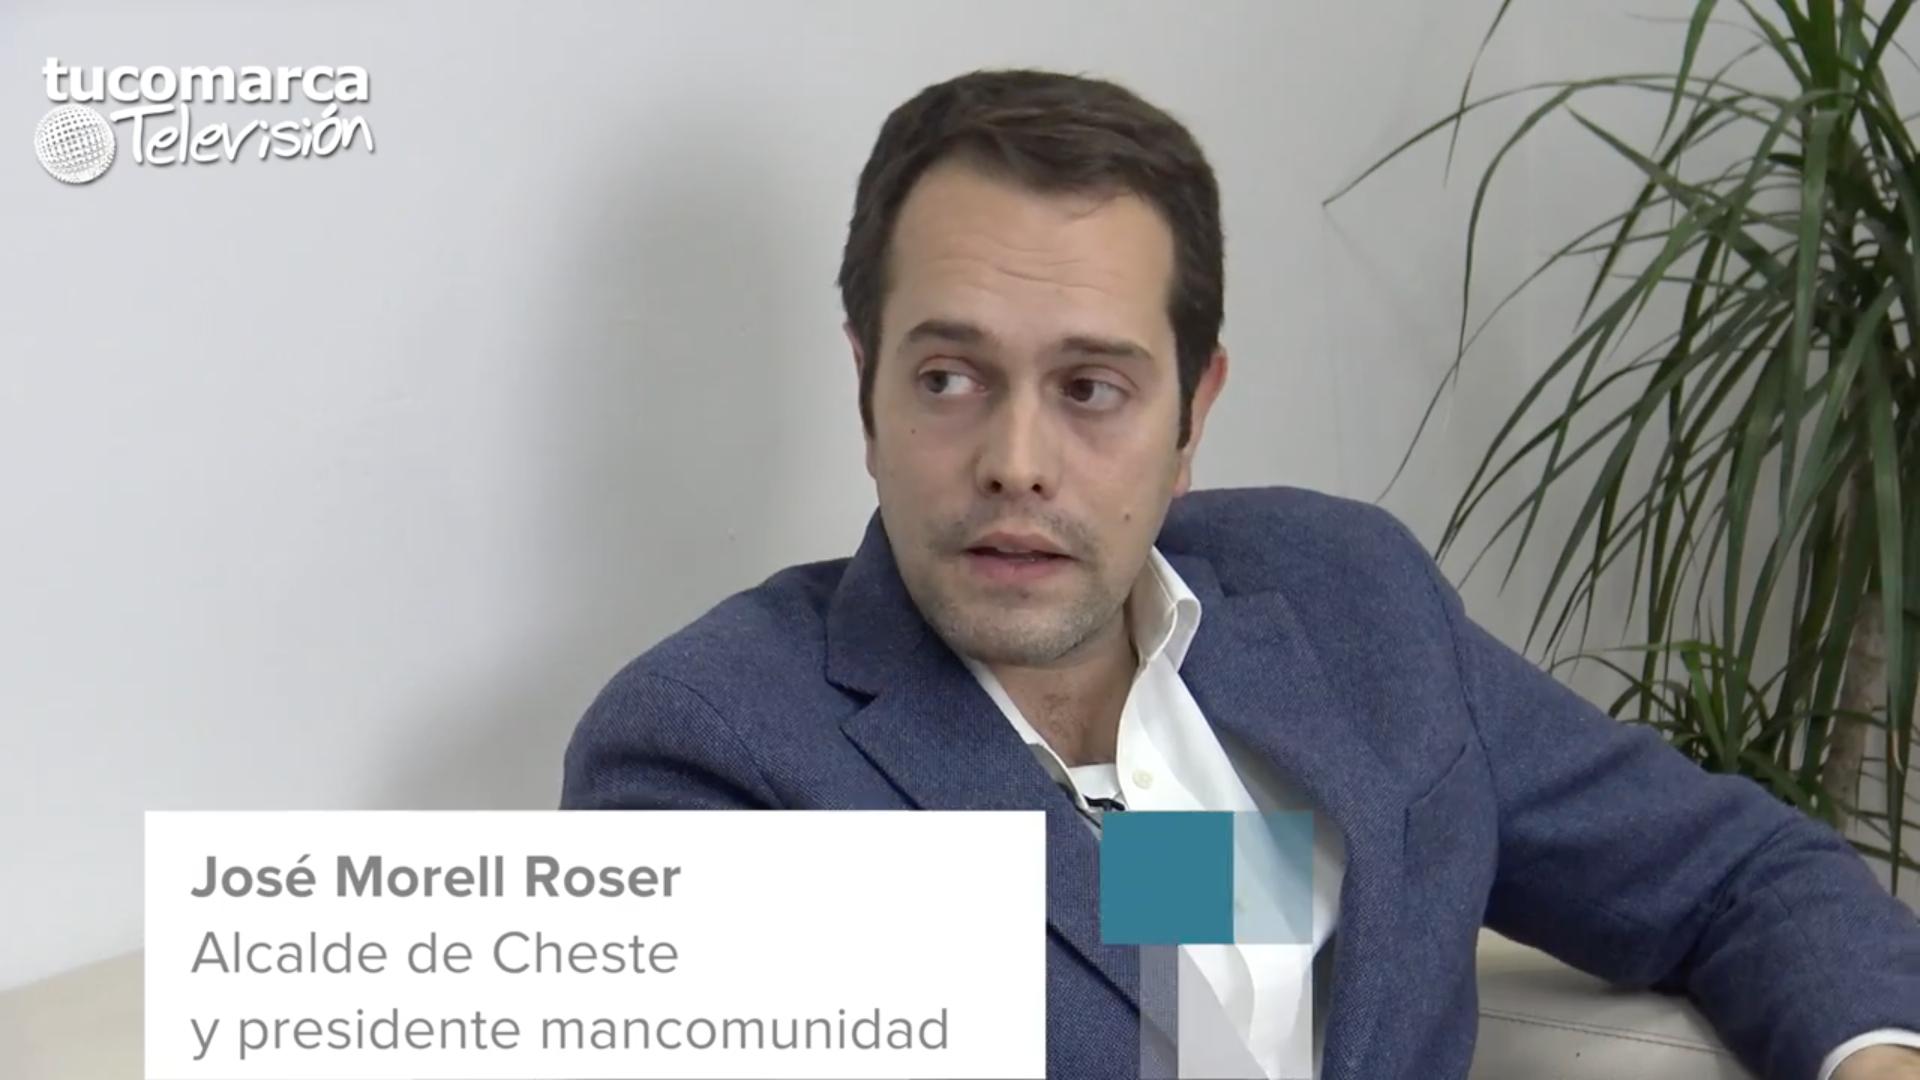 El alcalde de Cheste, José Morell, y también presidente de la mancomunidad.